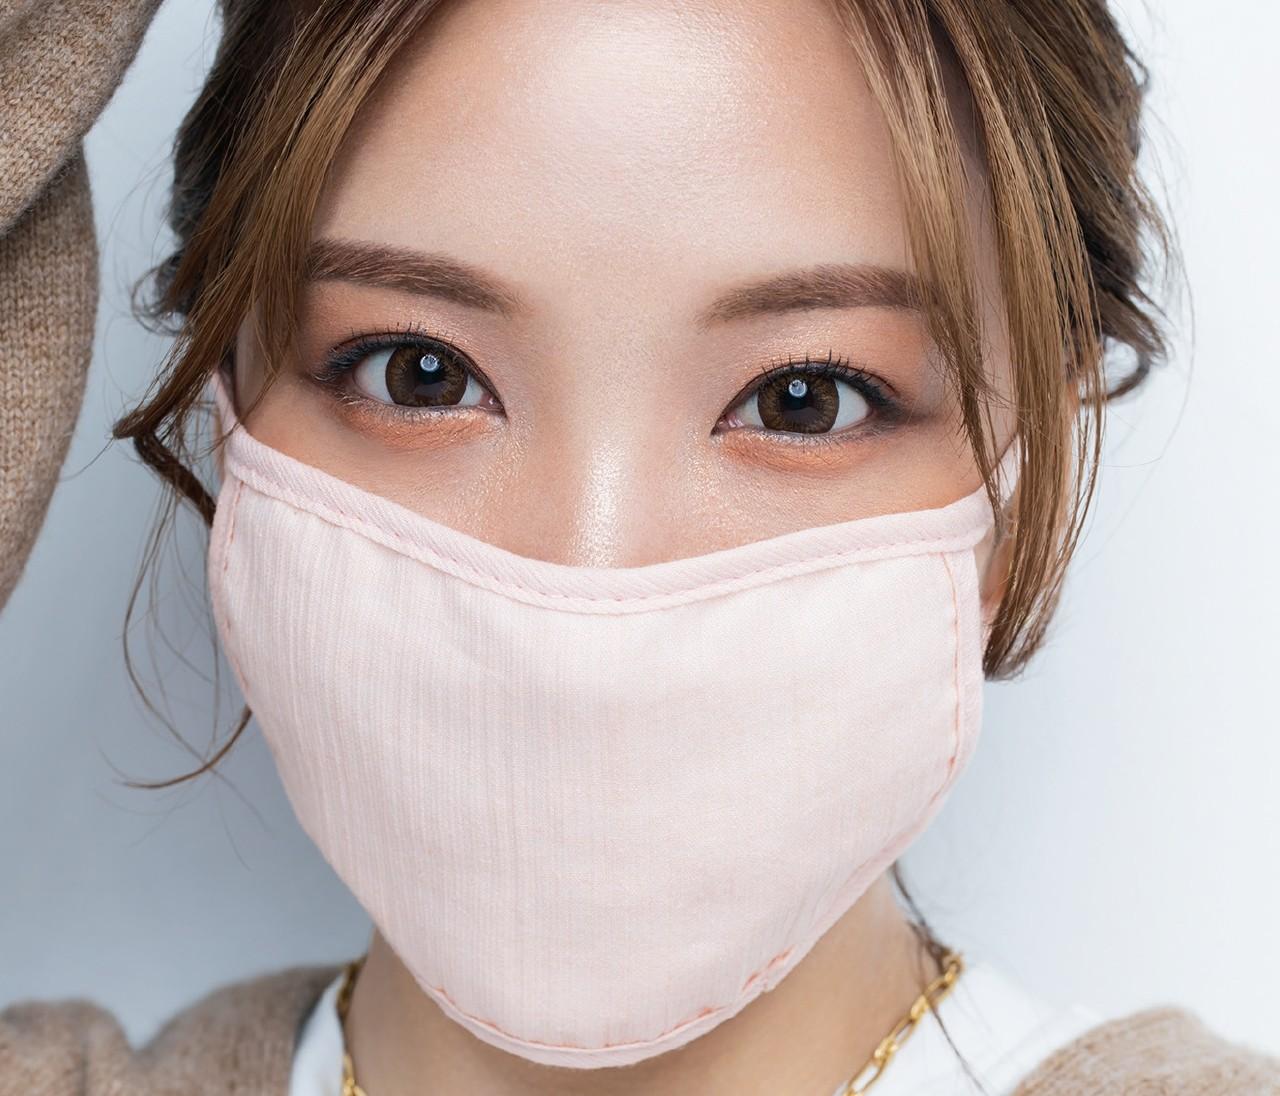 30代のマスクメイク、布系×大人可愛いならこれが正解!【ざわちんのマスク別アイメイクがすごい3】